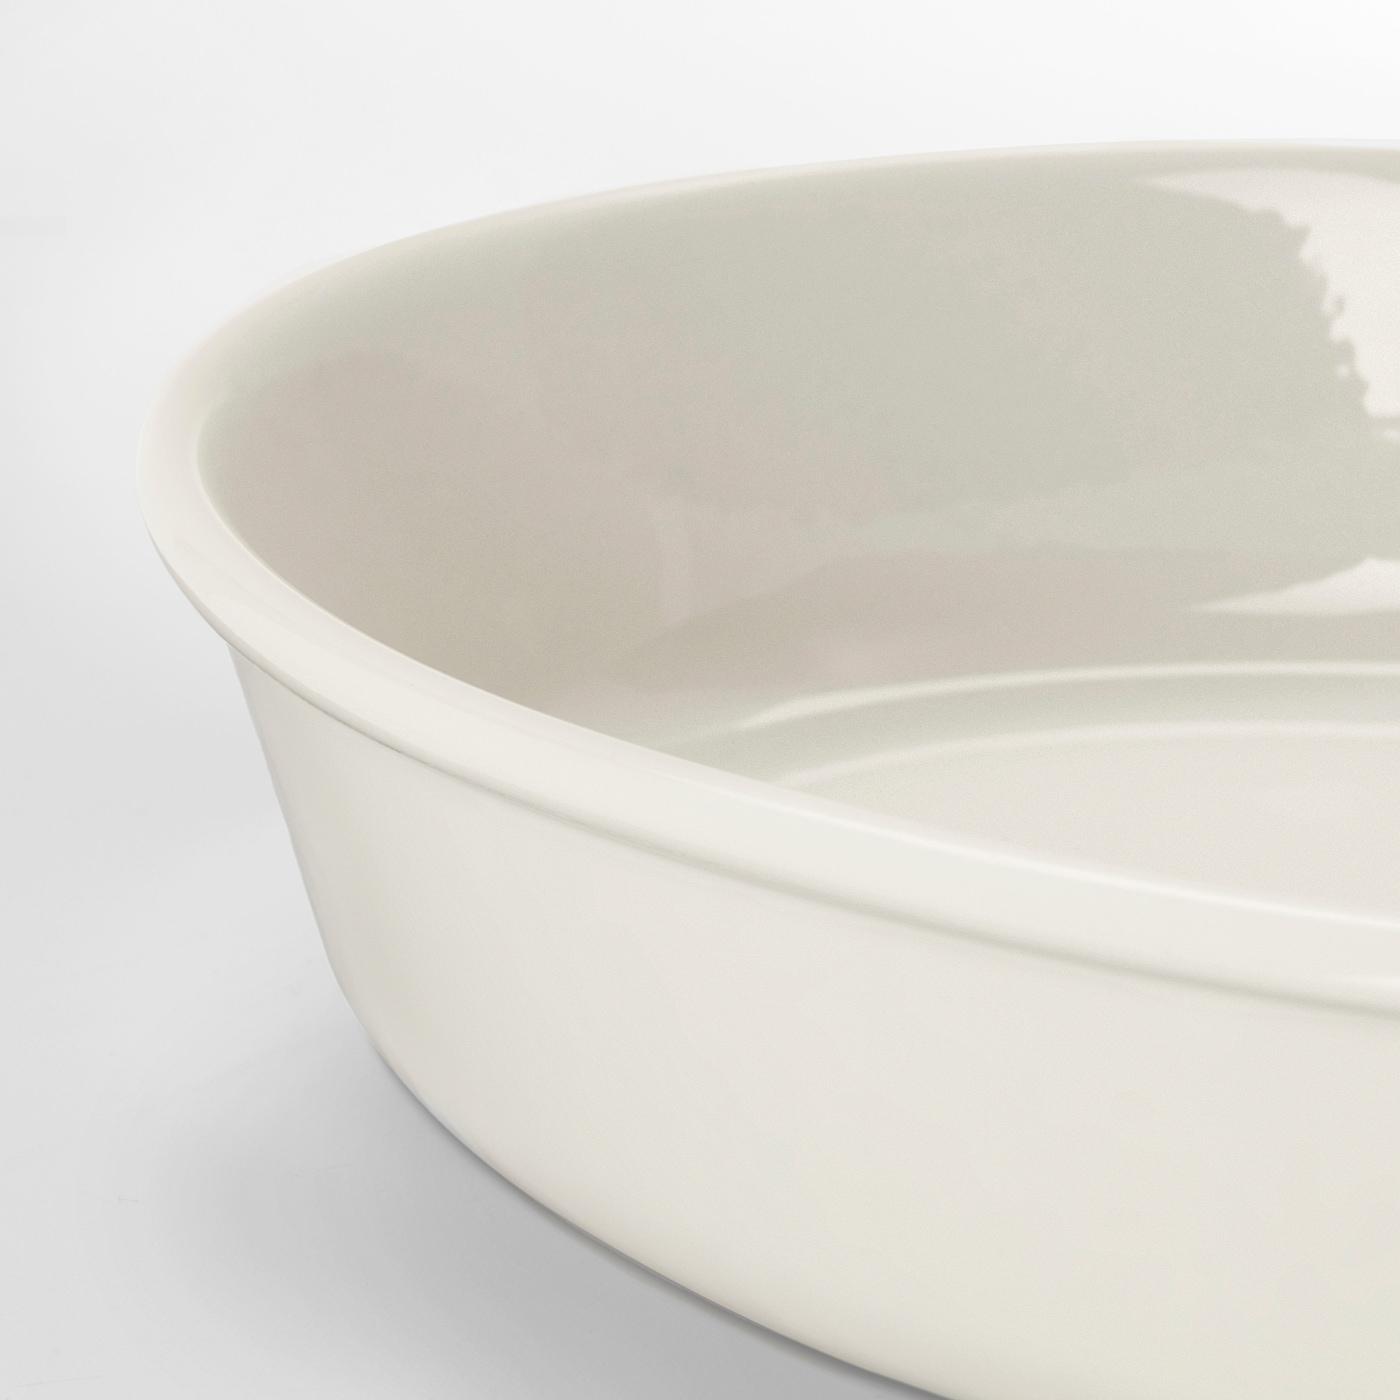 VARDAGEN Oven dish, oval/off-white, 31x24 cm